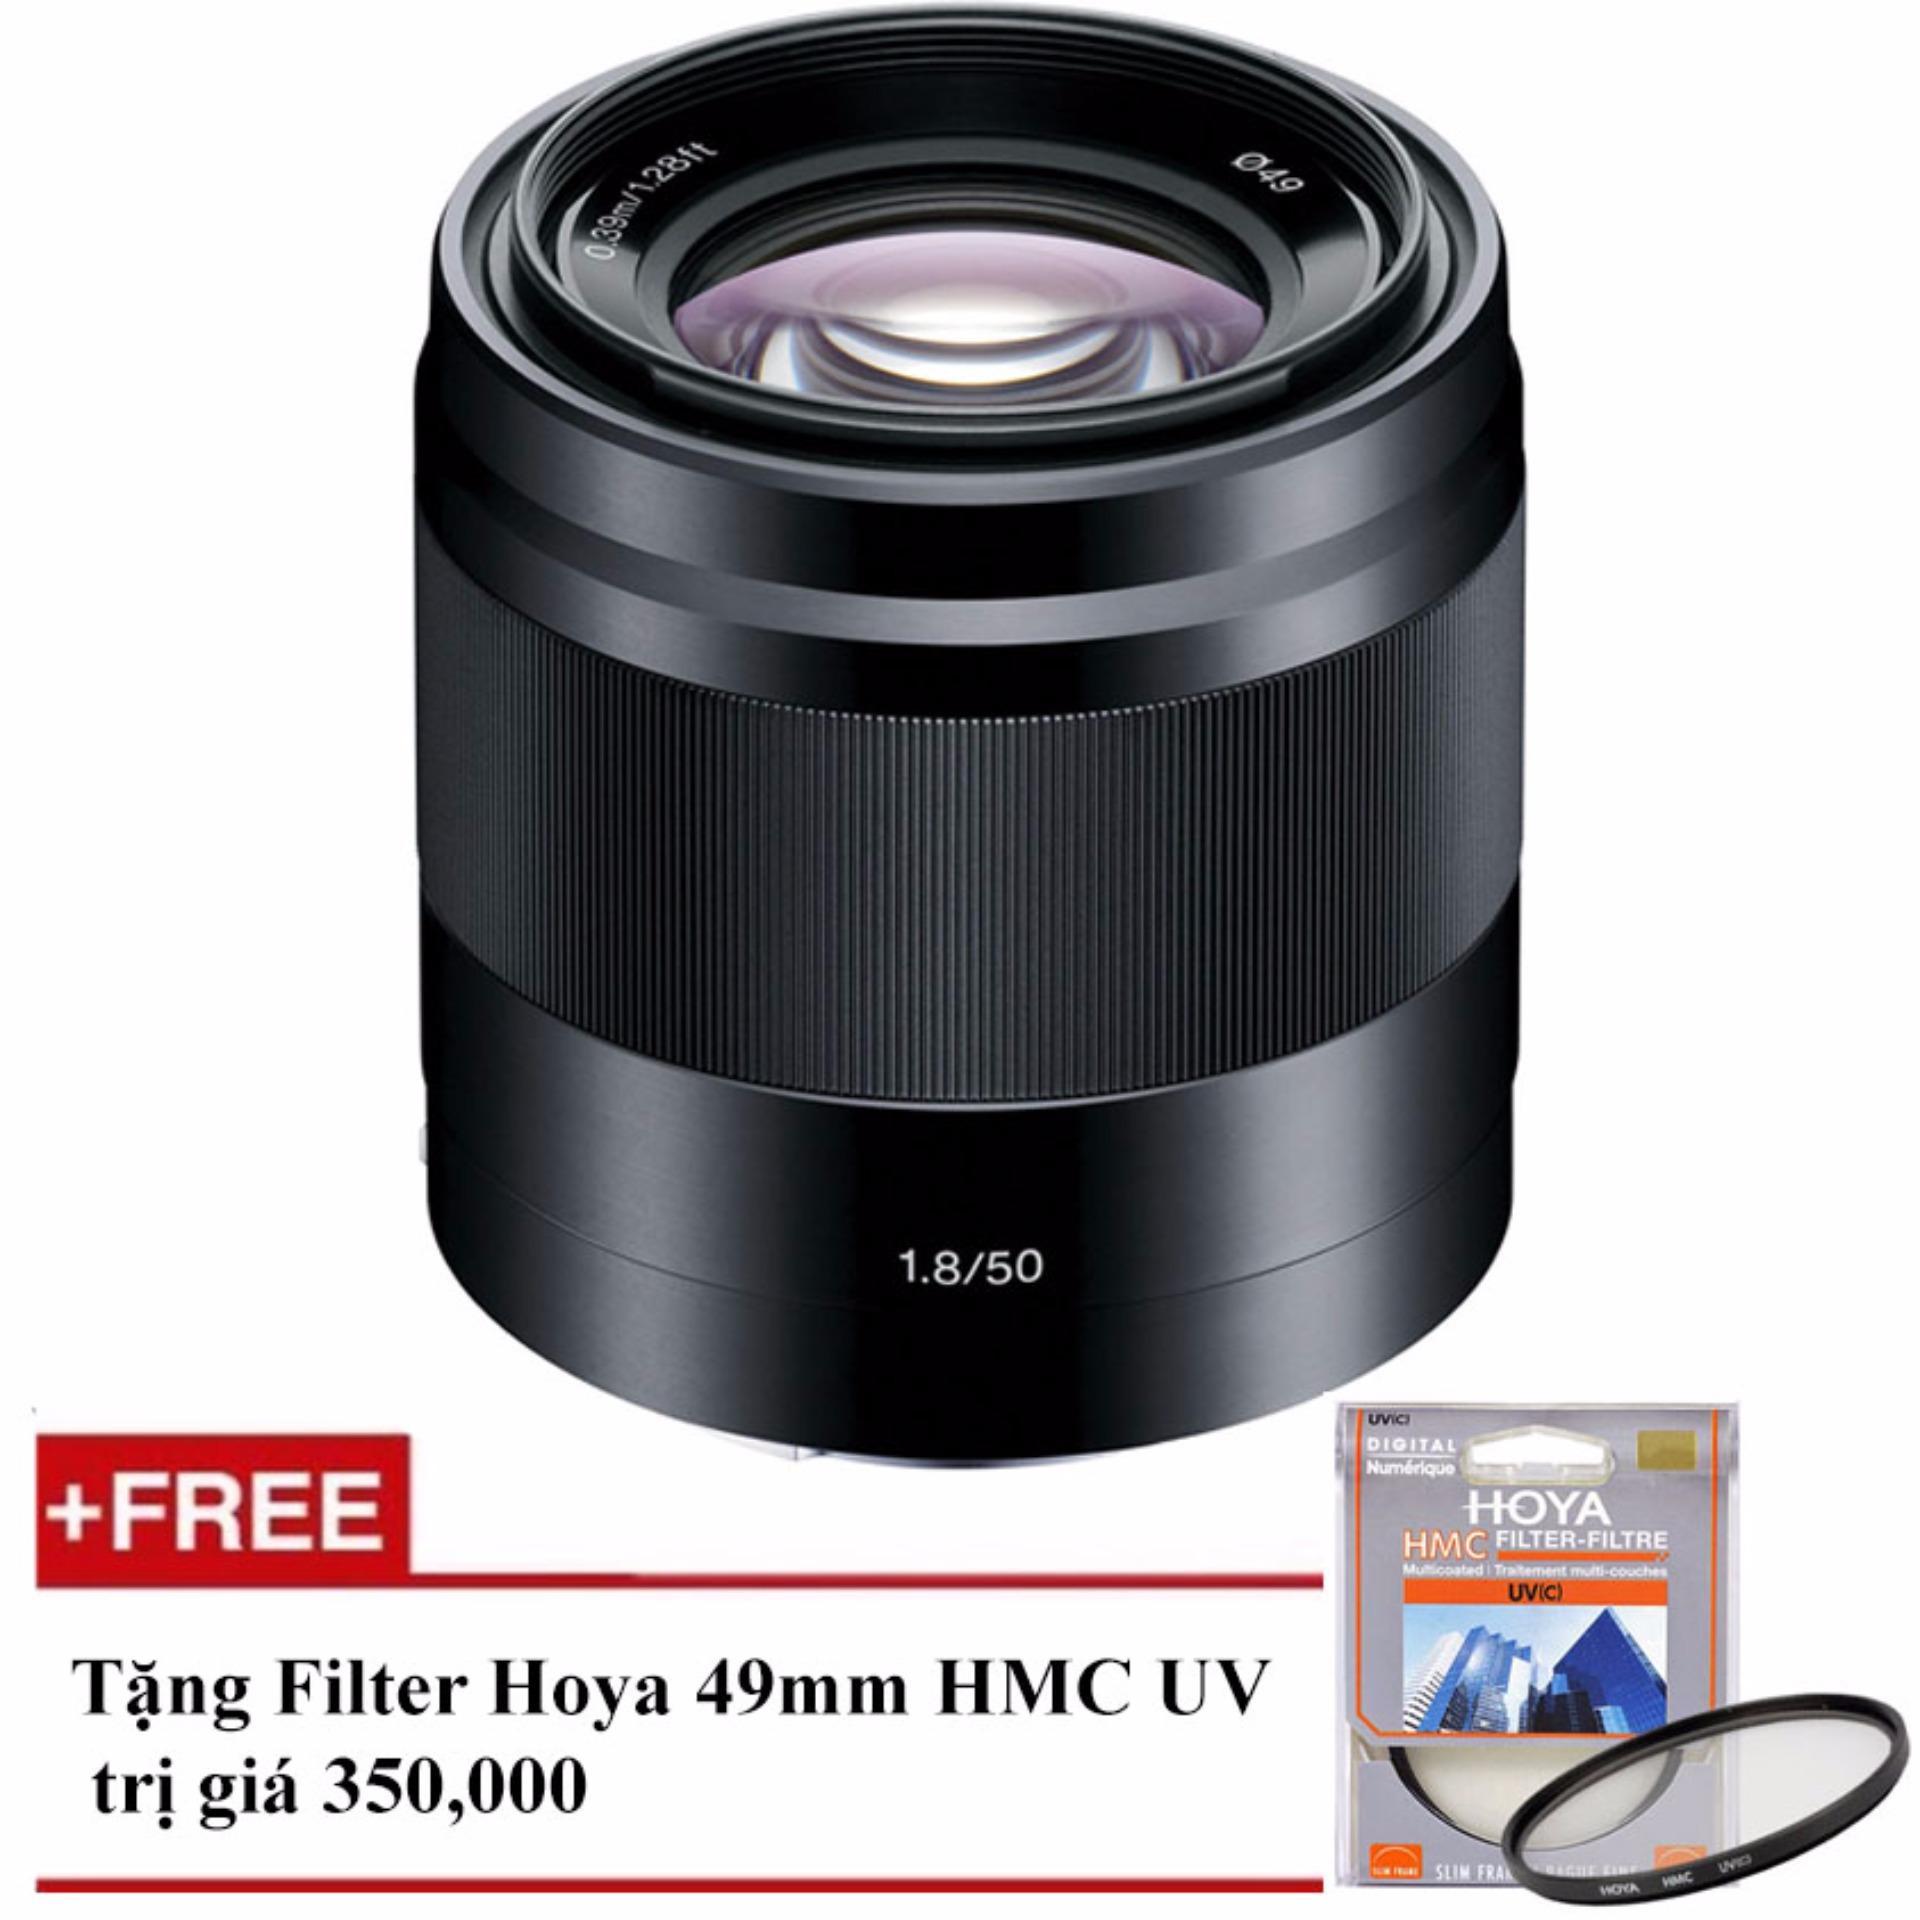 Ống kính Sony SEL 50mm F/1.8 OSS (Đen) – Hàng Sony Việt Nam – Tặng 1 Filter Hoya HMC UV 49mm